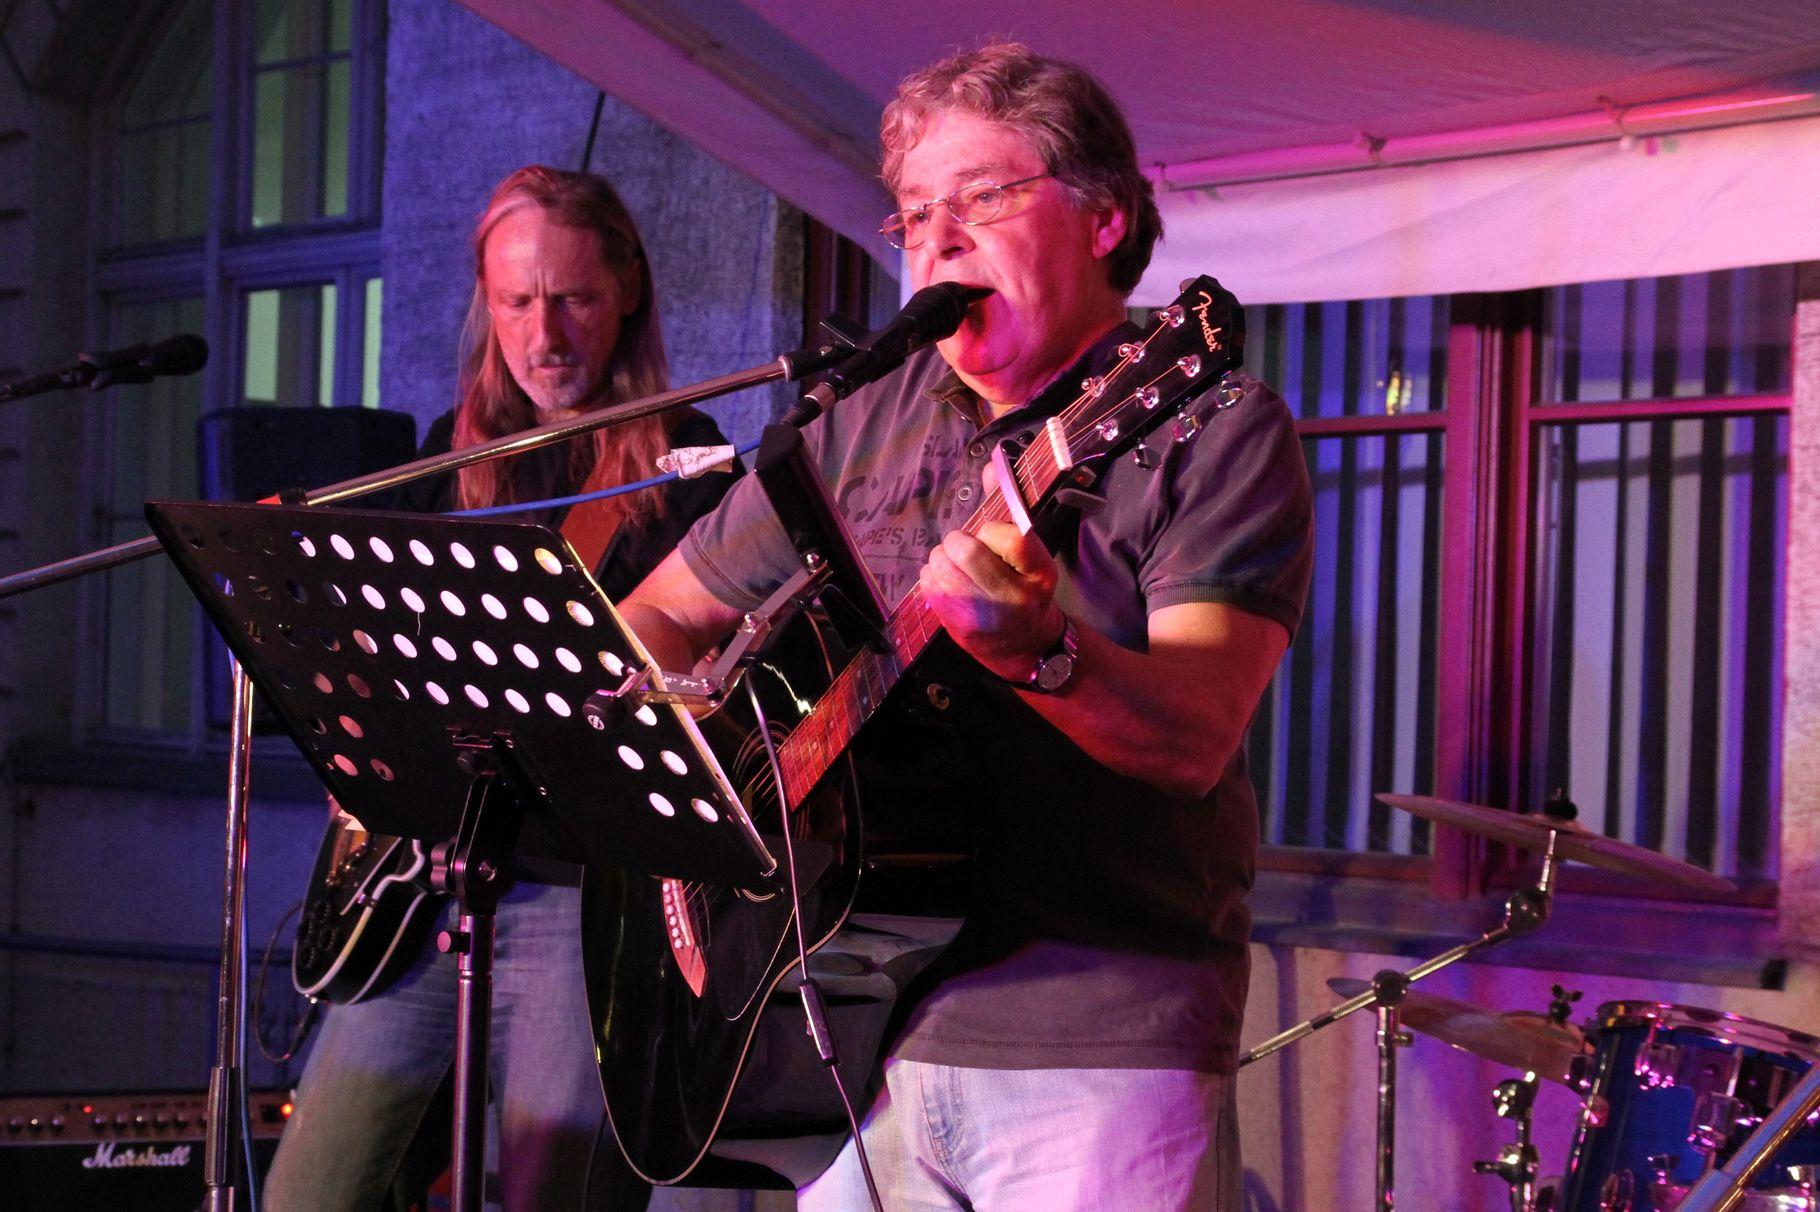 Konzerte im Bürgerhof 21.06.2012 Maxx Brothers unplugged - Freiwilligen-Zentrum Augsburg - Foto: Franz Lechner